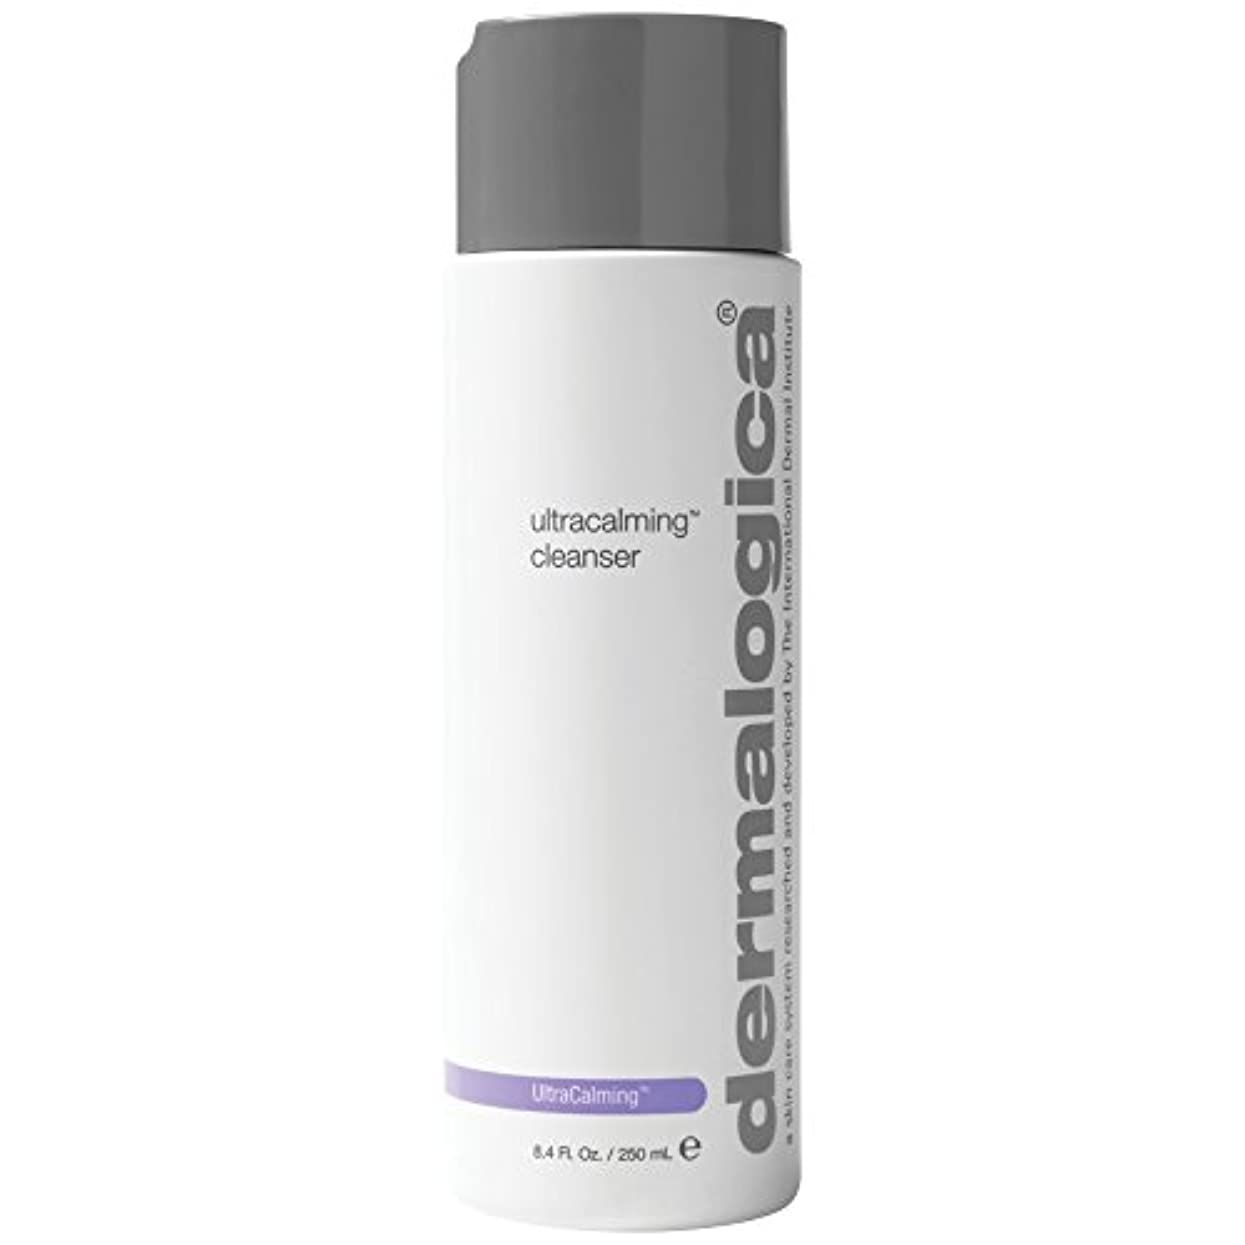 発生する煩わしい耐えられるダーマロジカUltracalming?クレンザーの250ミリリットル (Dermalogica) (x6) - Dermalogica UltraCalming? Cleanser 250ml (Pack of 6) [...